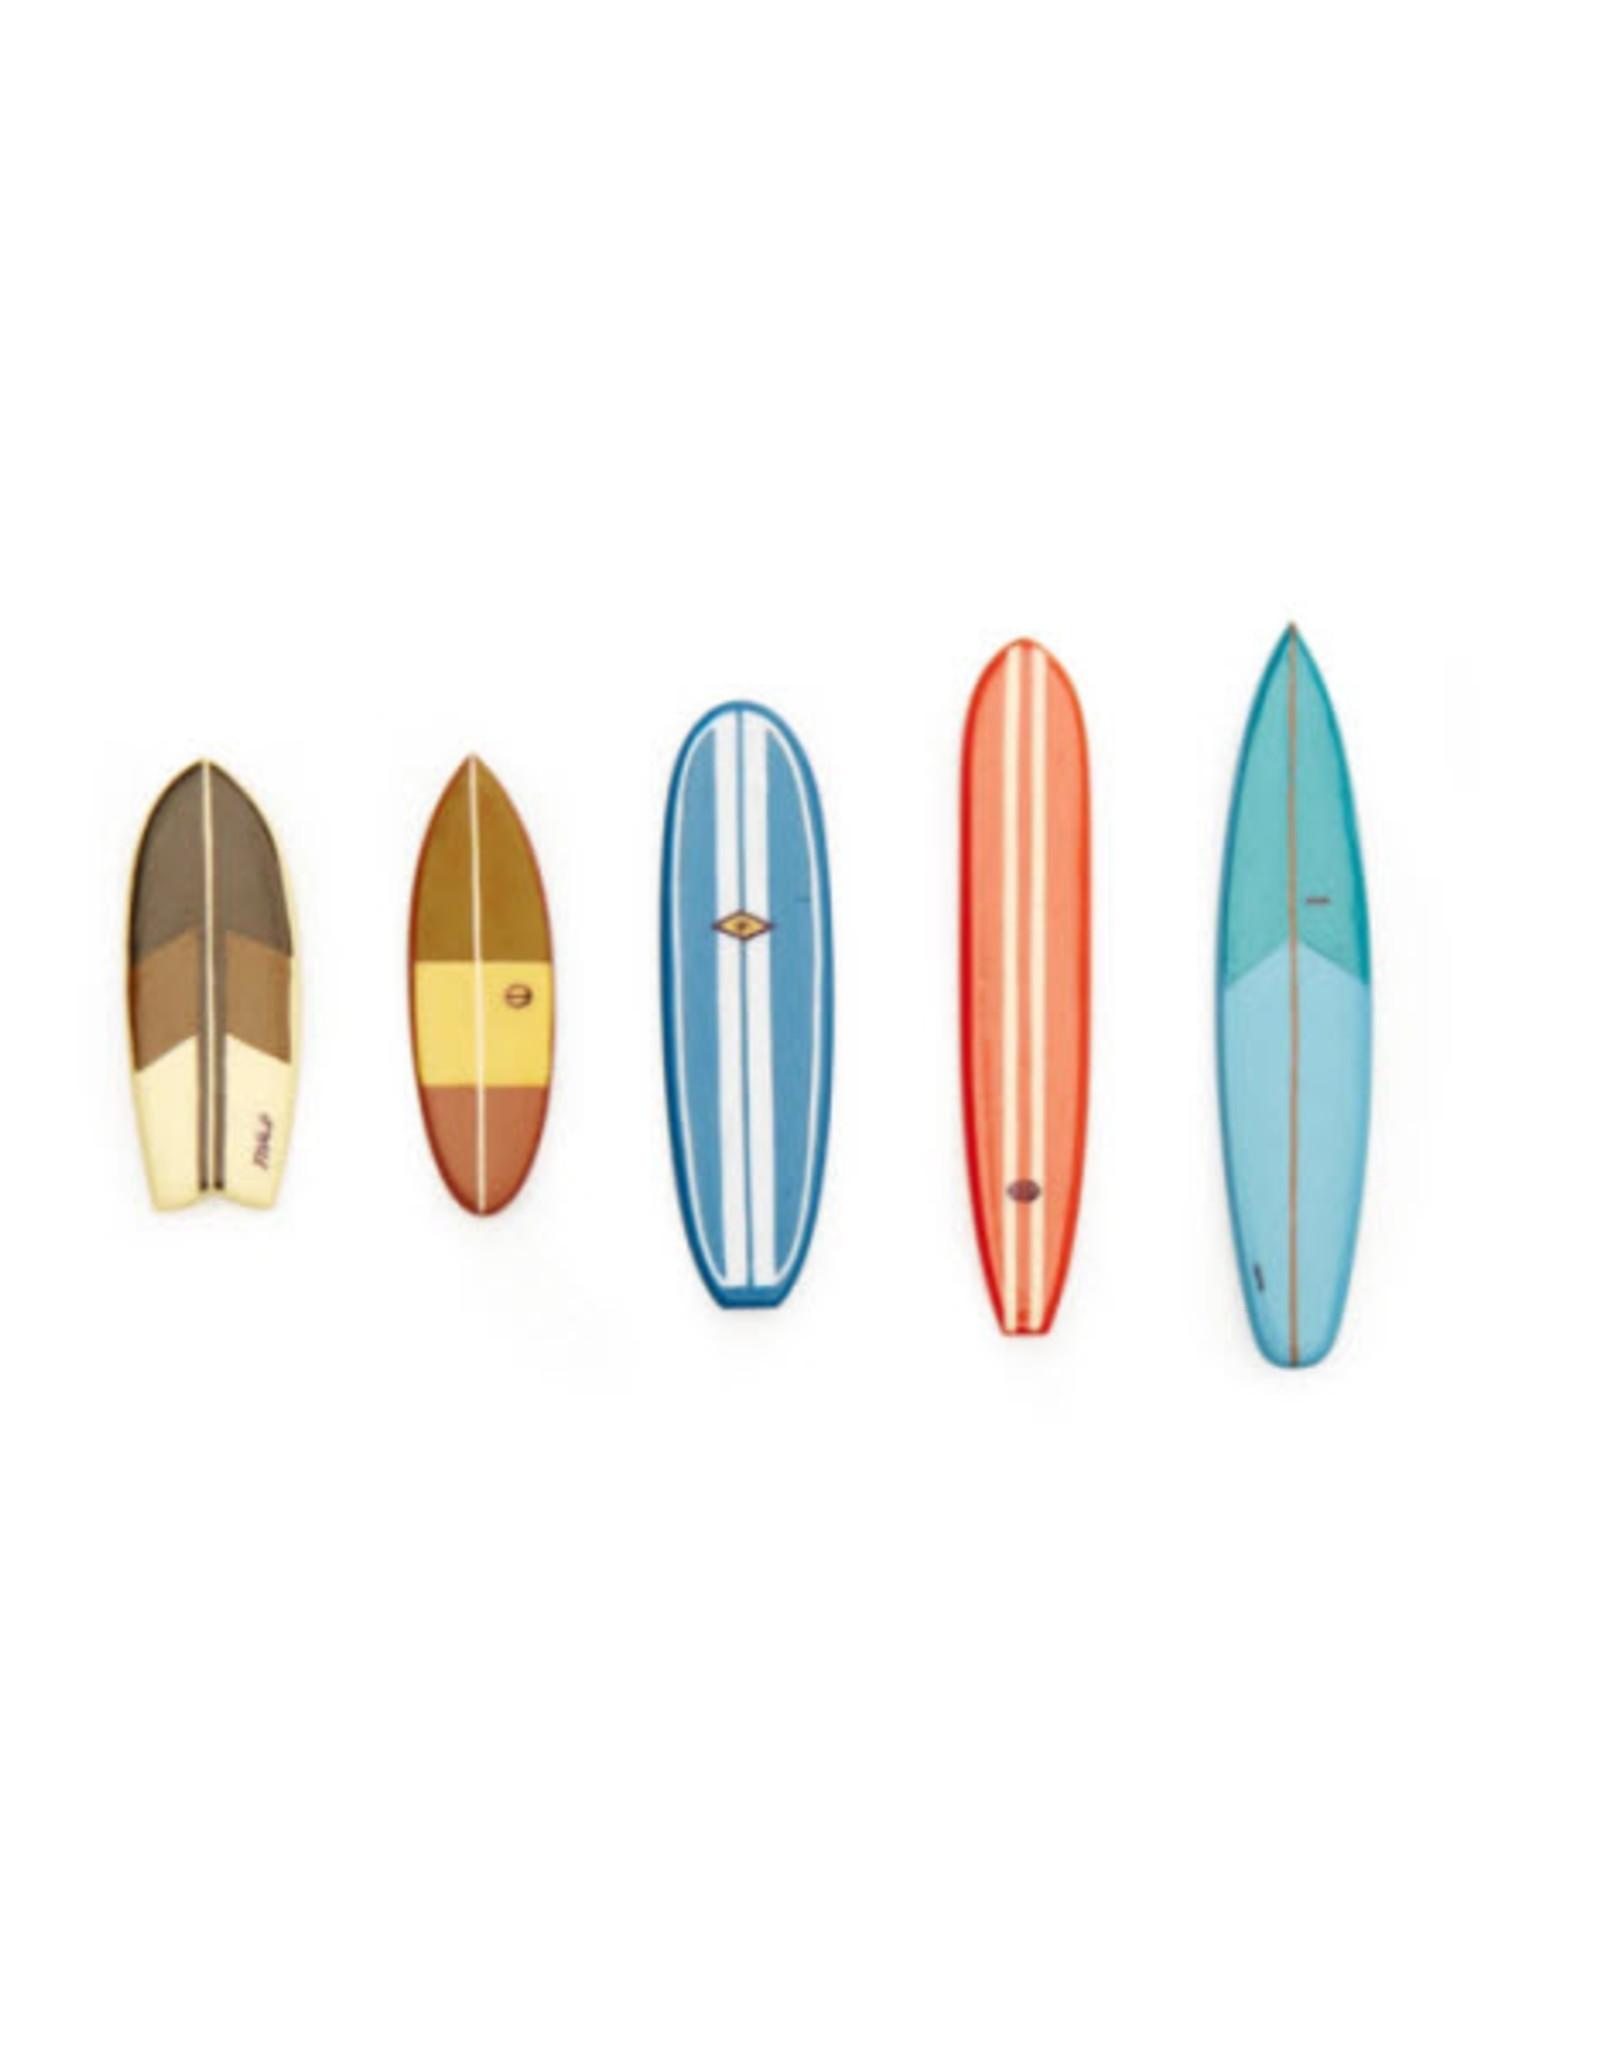 Kikkerland Magneten Surfs up!